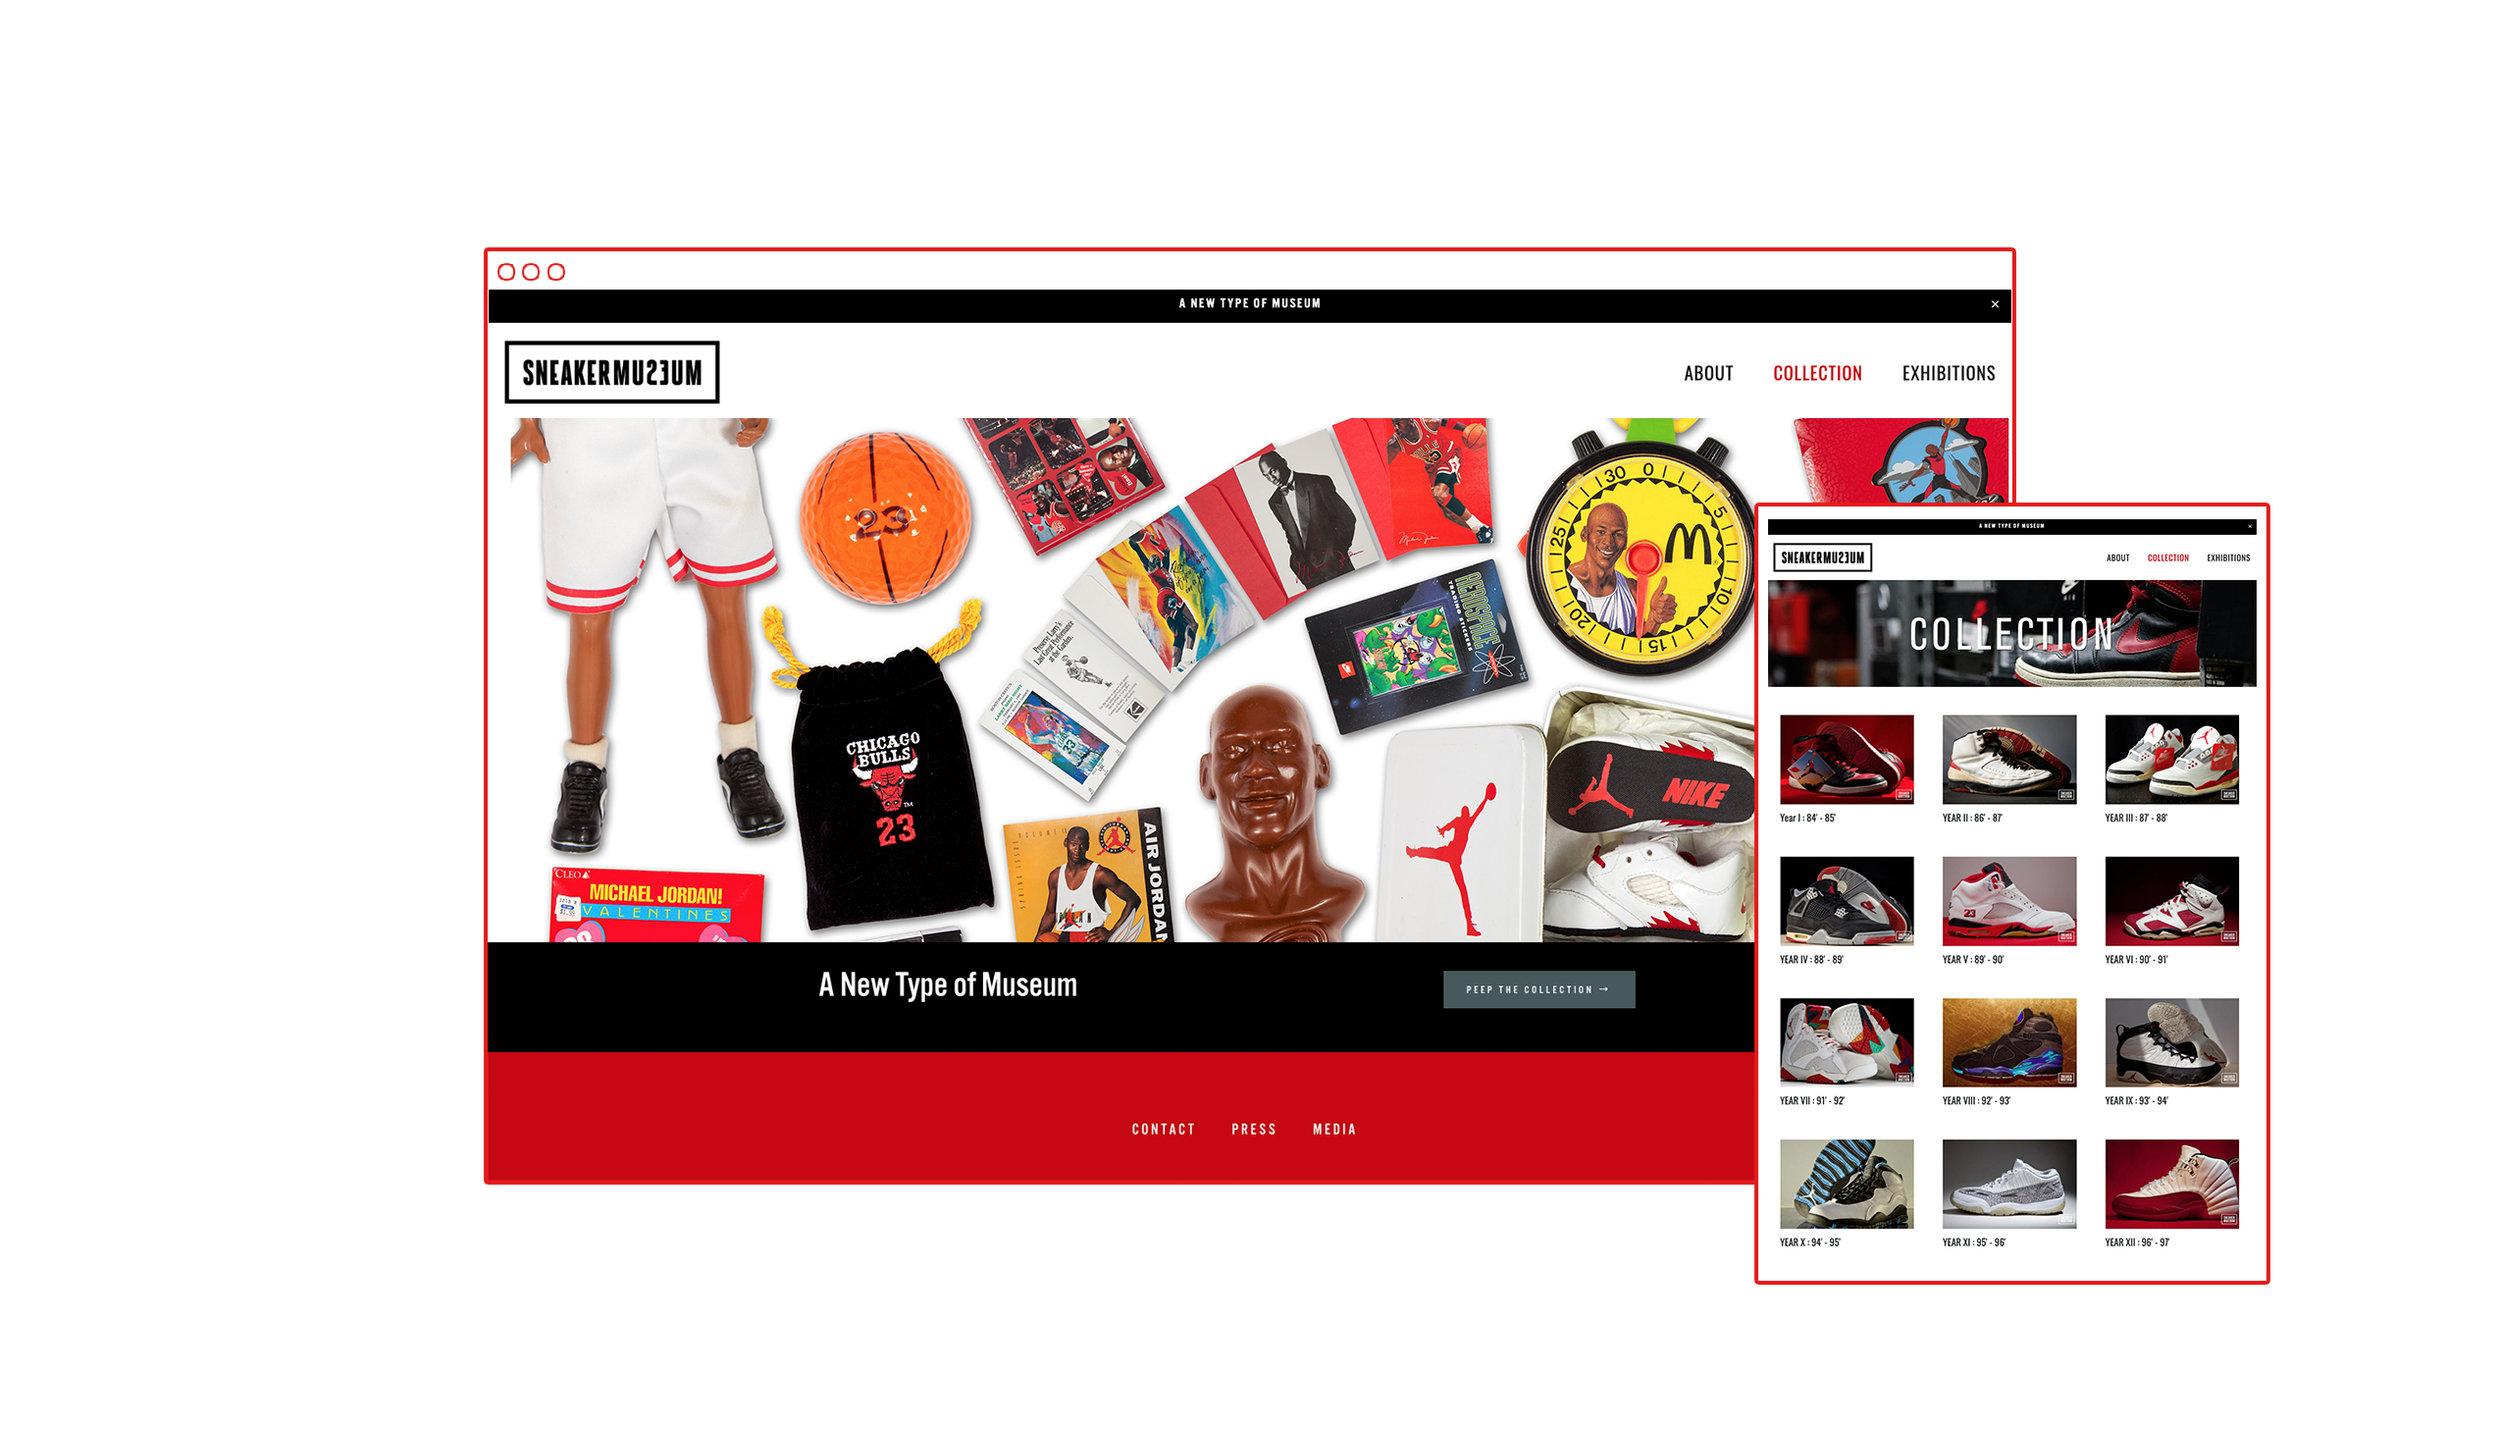 SNEAKERMUSEUM web.jpg